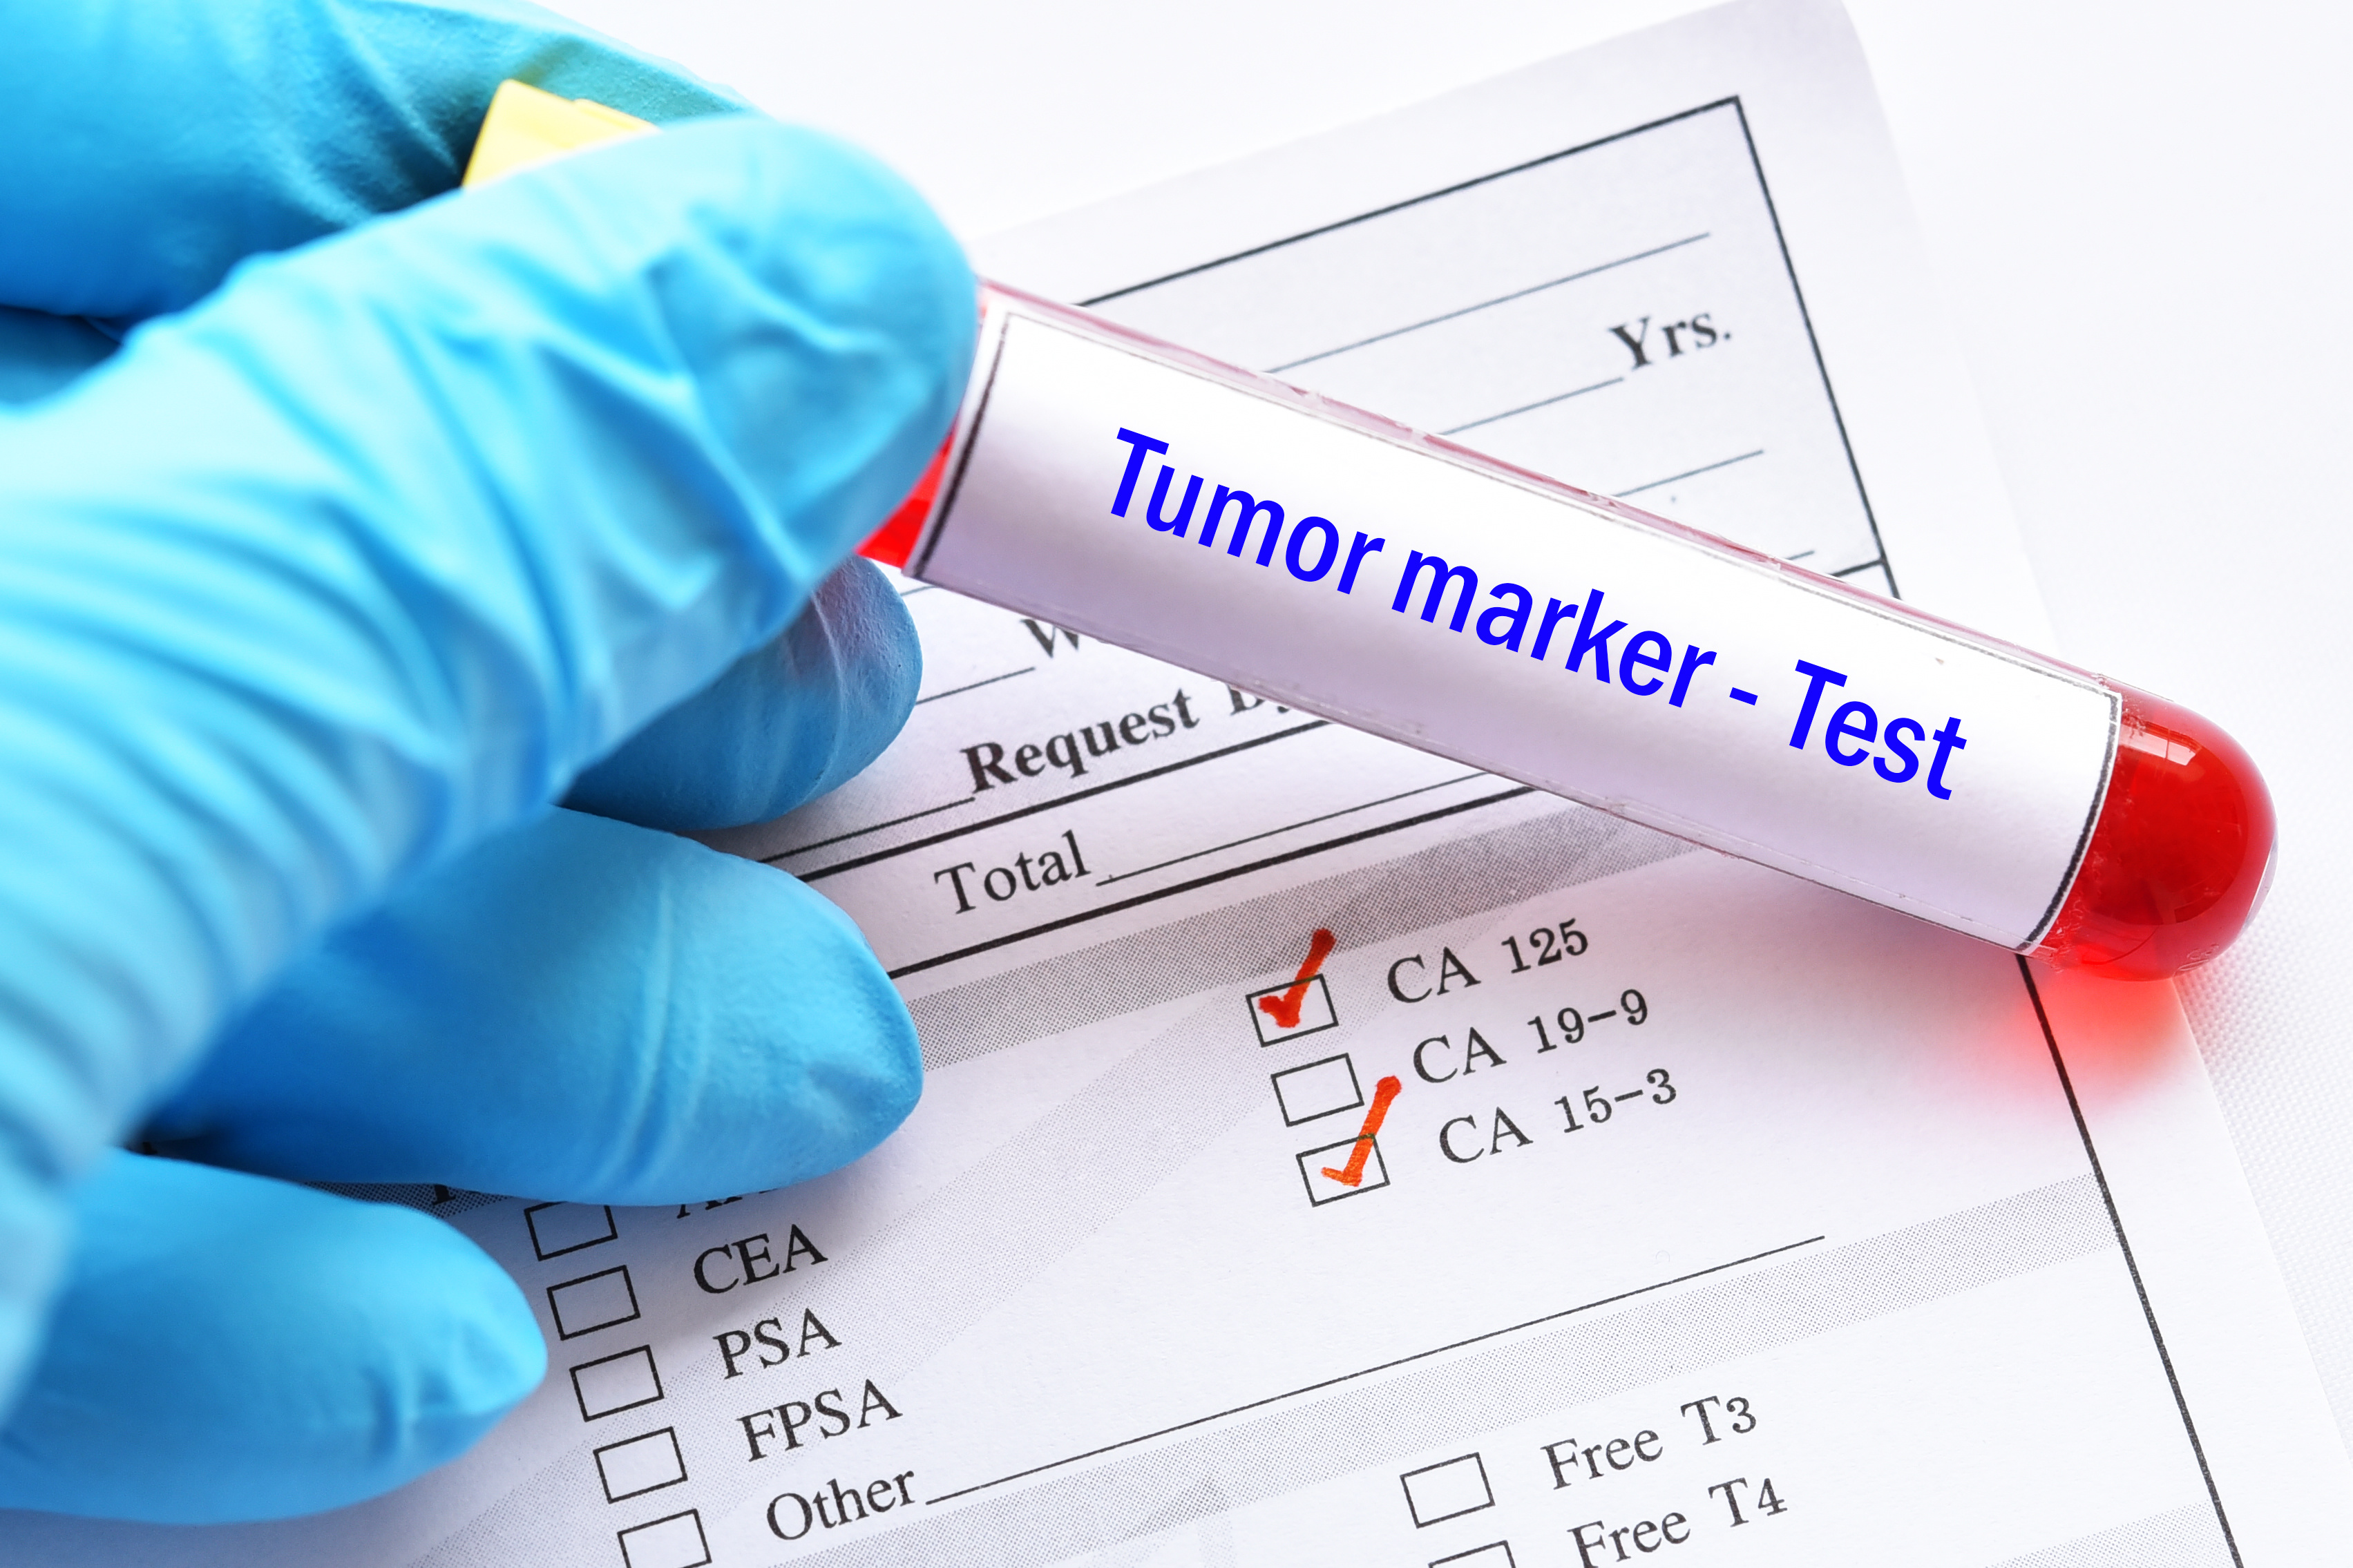 Comment le nombre de cellules « agressives » dans un échantillon de tumeur définit la vitesse de progression et de propagation de la maladie.